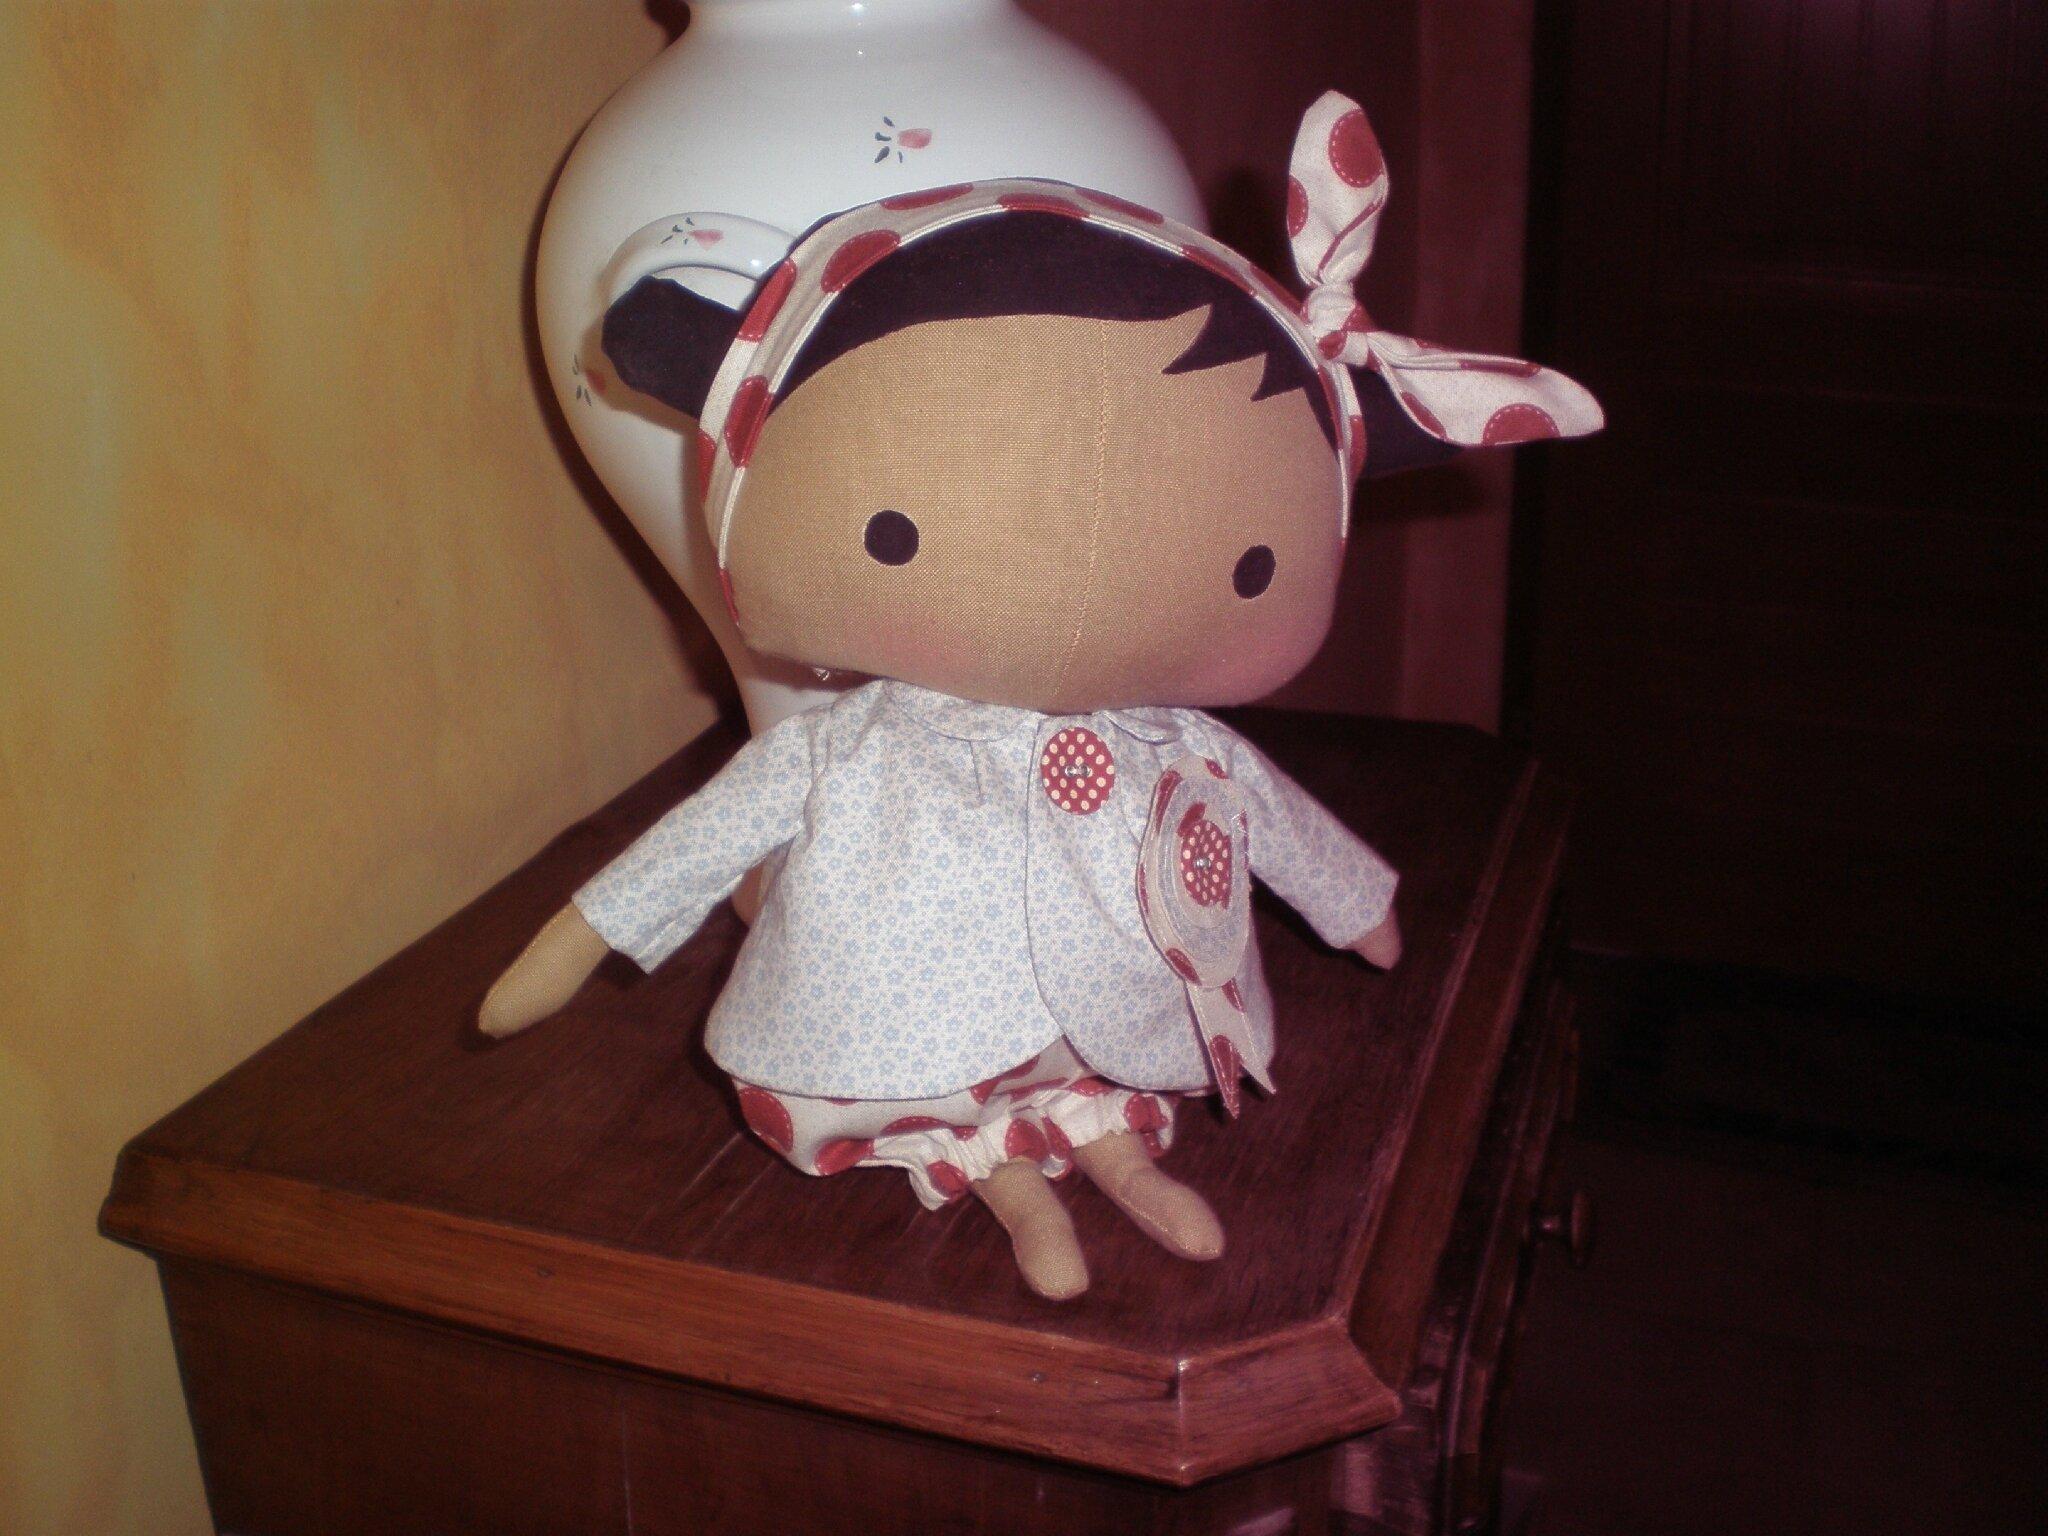 Un jolie poupée ... c'est presque un remake..